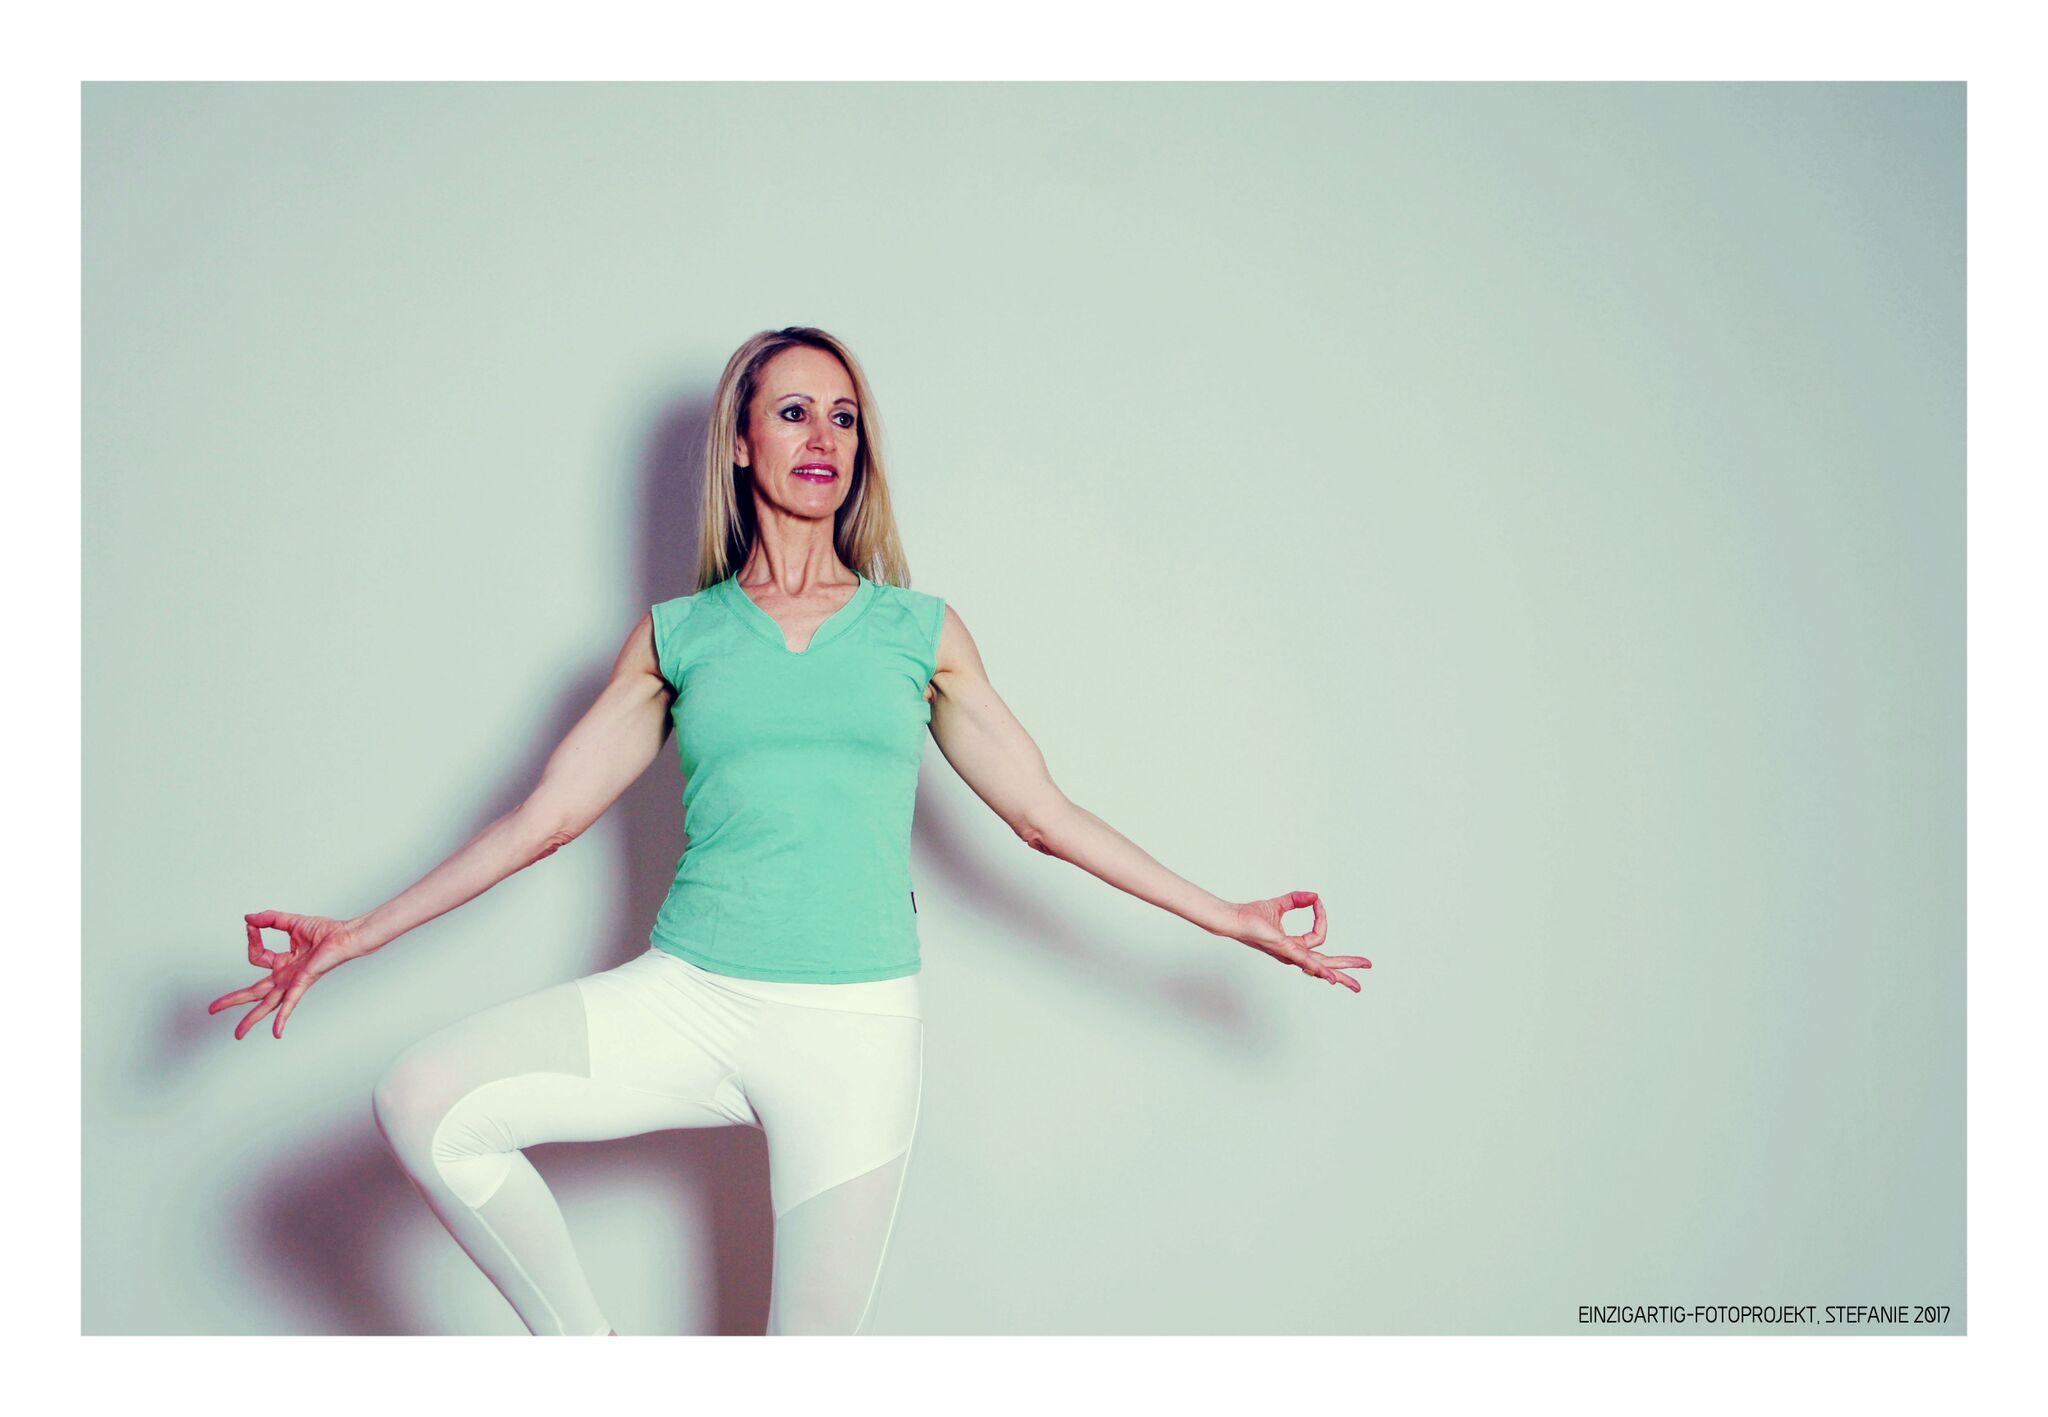 Yoga bietet aktive Entspannung und Erholung durch Asanas.